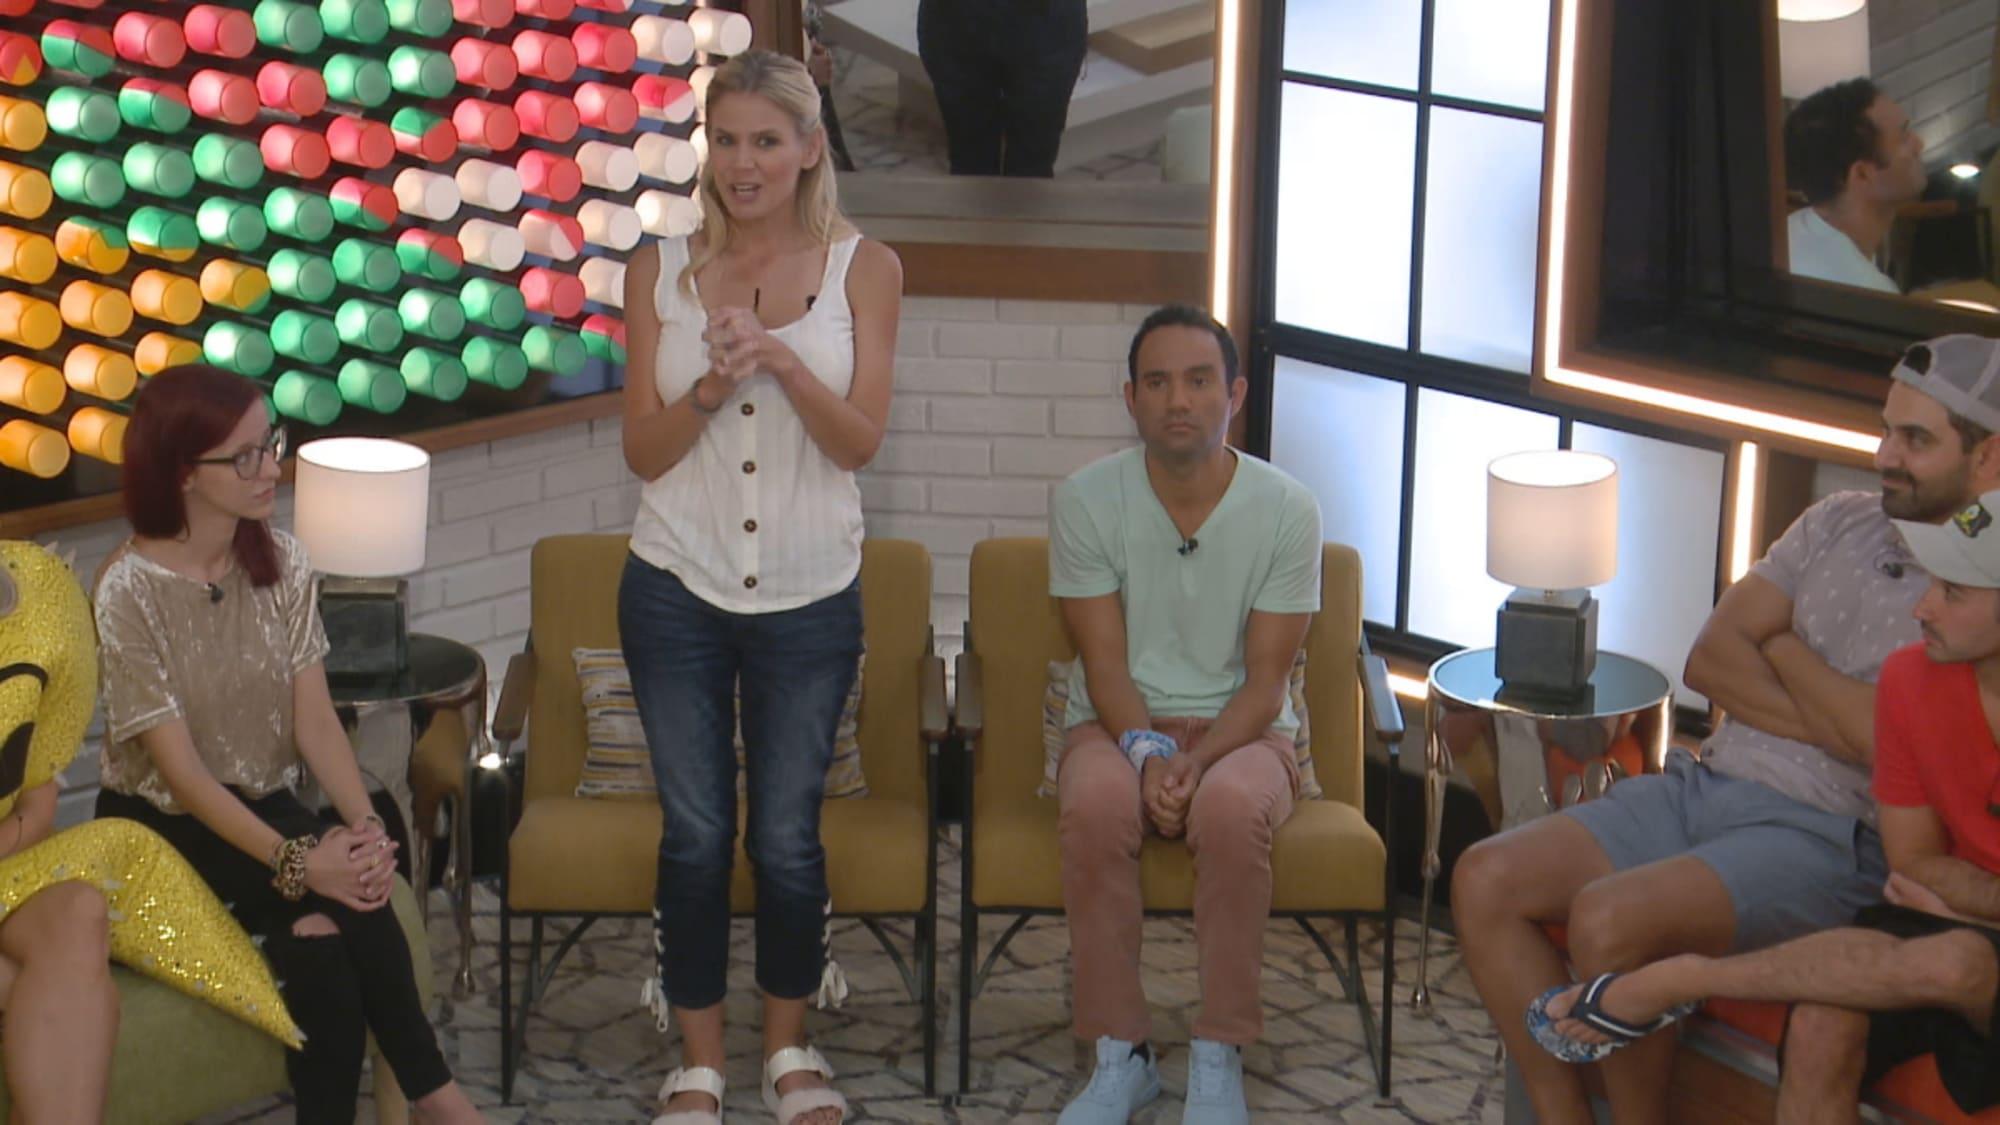 Big Brother 22 week 1 recap: Goodbye Keesha, hello pregaming